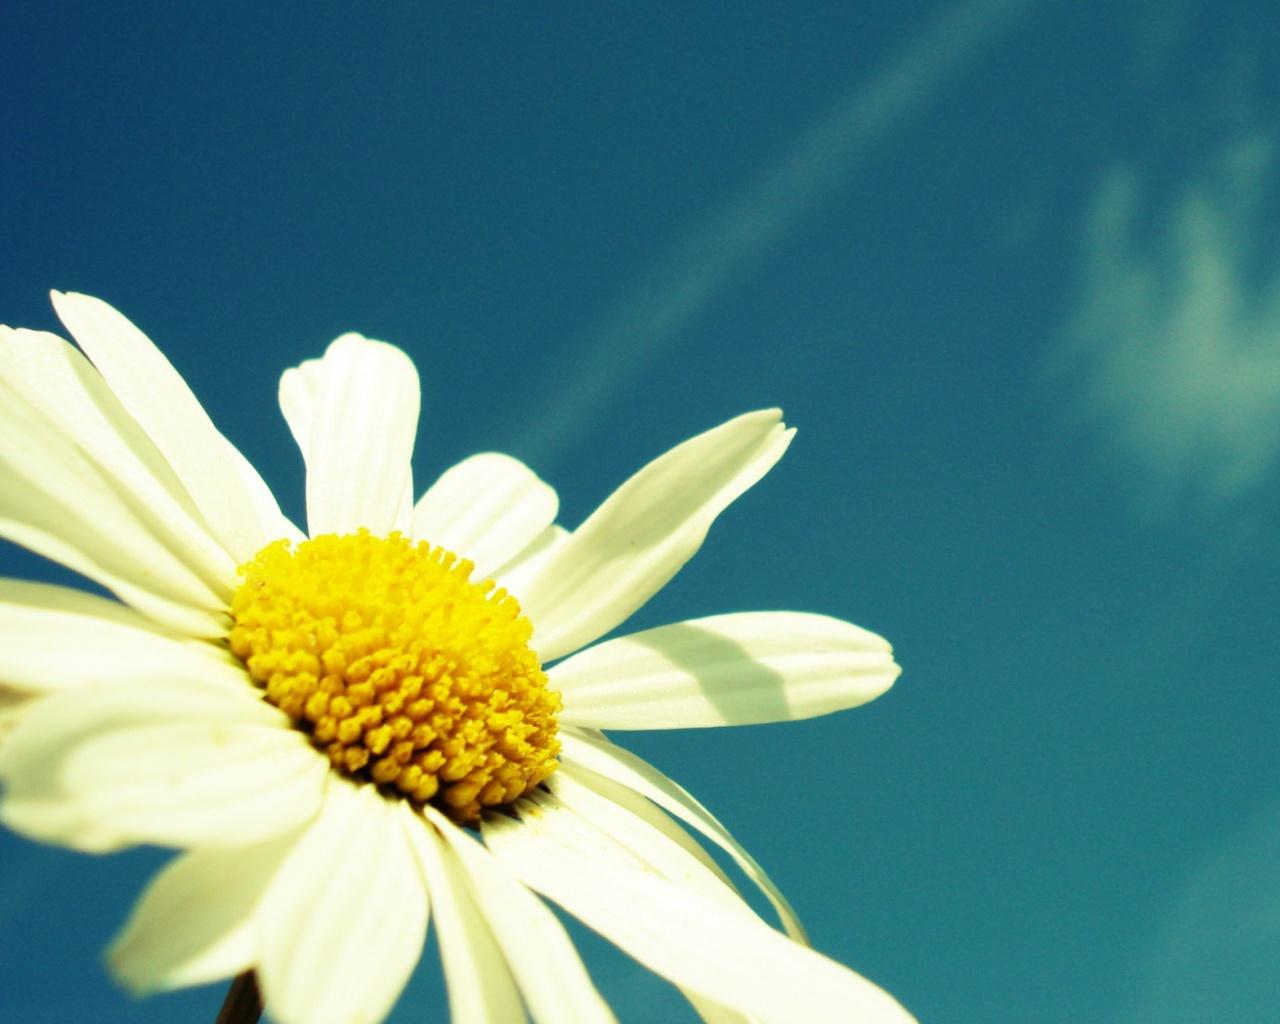 цветок ромашка на фоне голубого неба, скачать фото, обои для рабочего стола